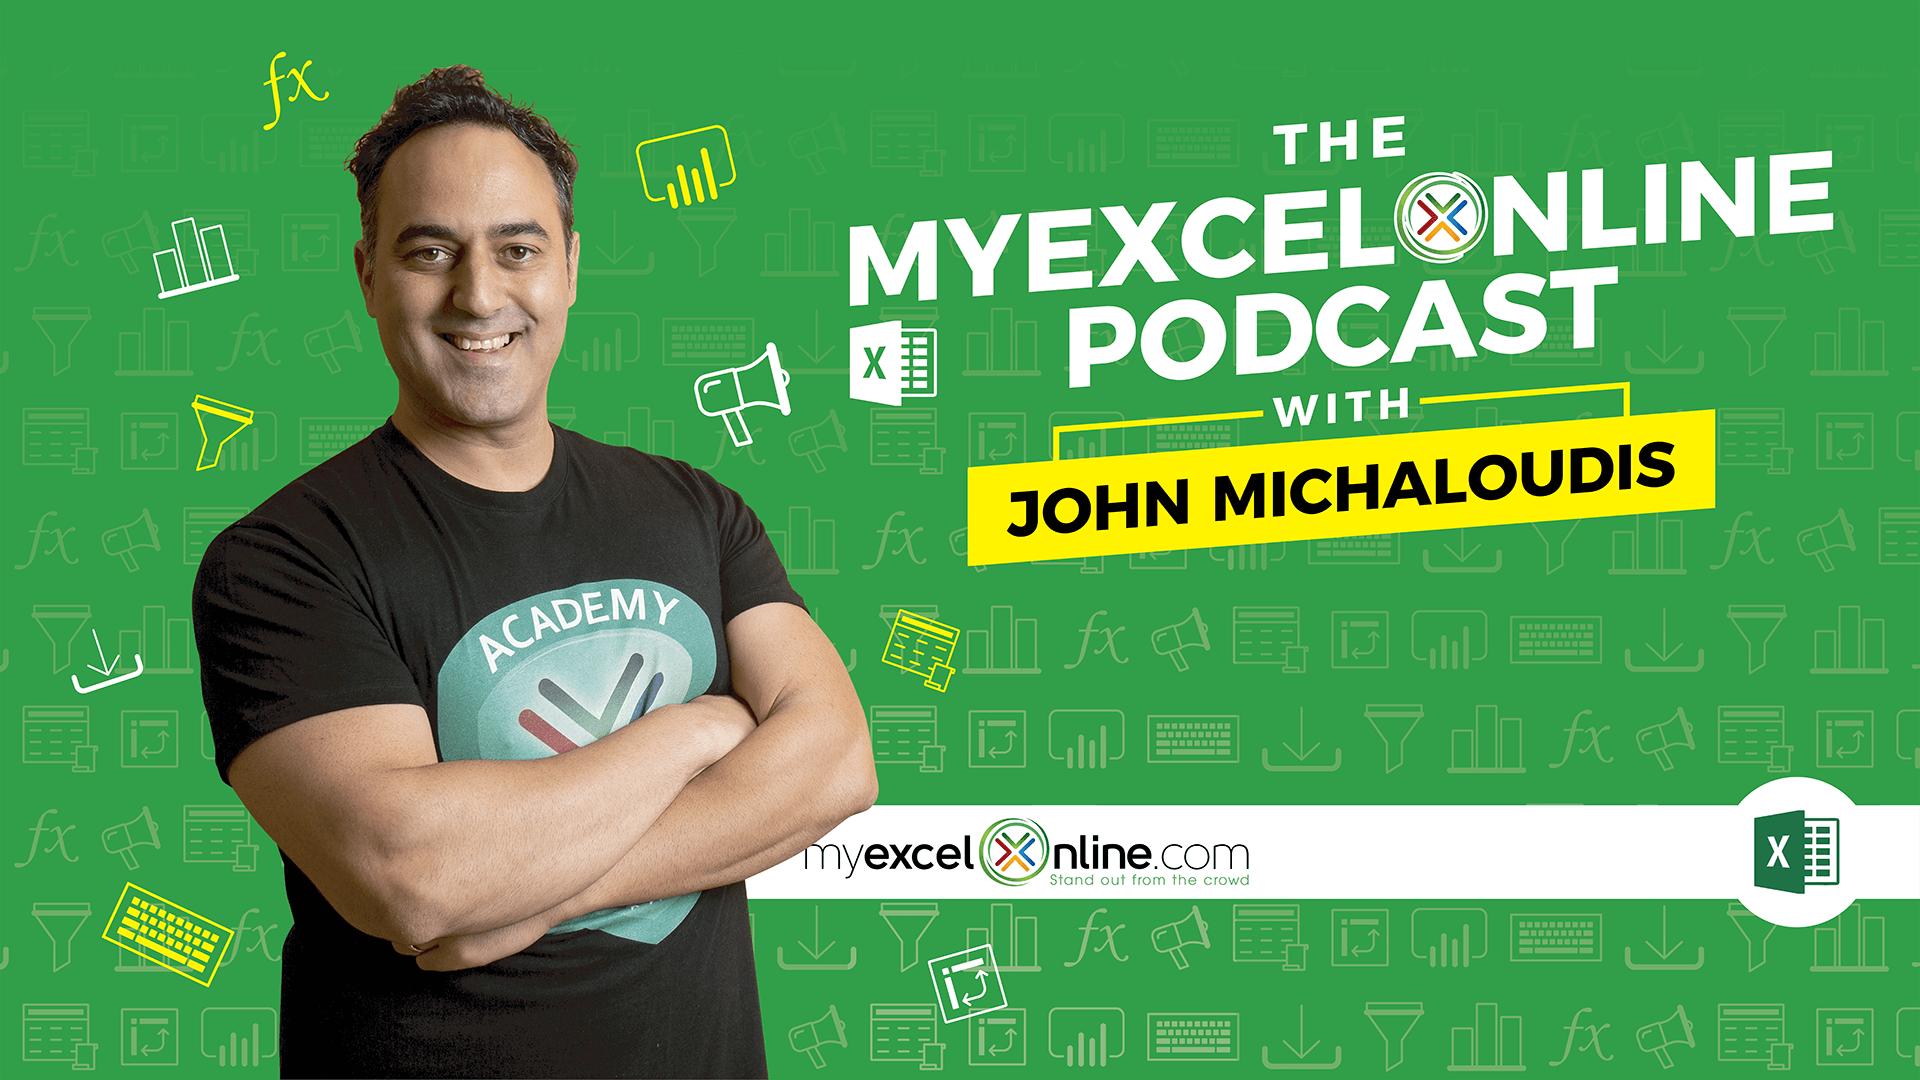 MyExcelOnline Podcasts